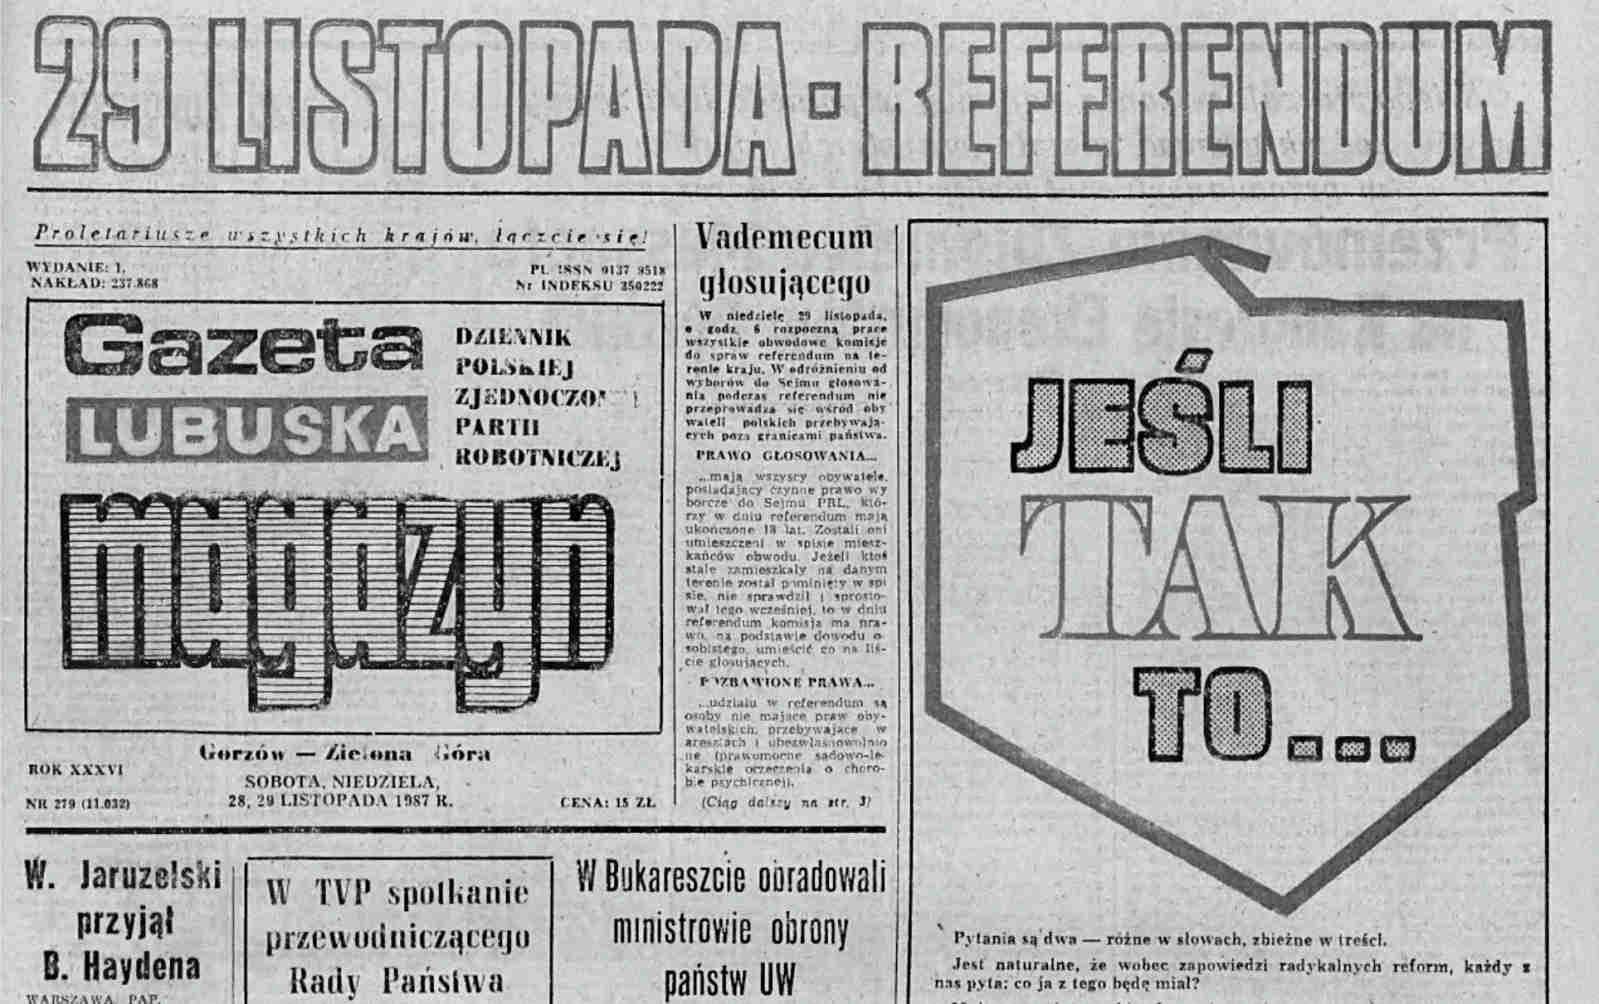 Gazeta Lubuska 29.11.1987 - pierwsza strona